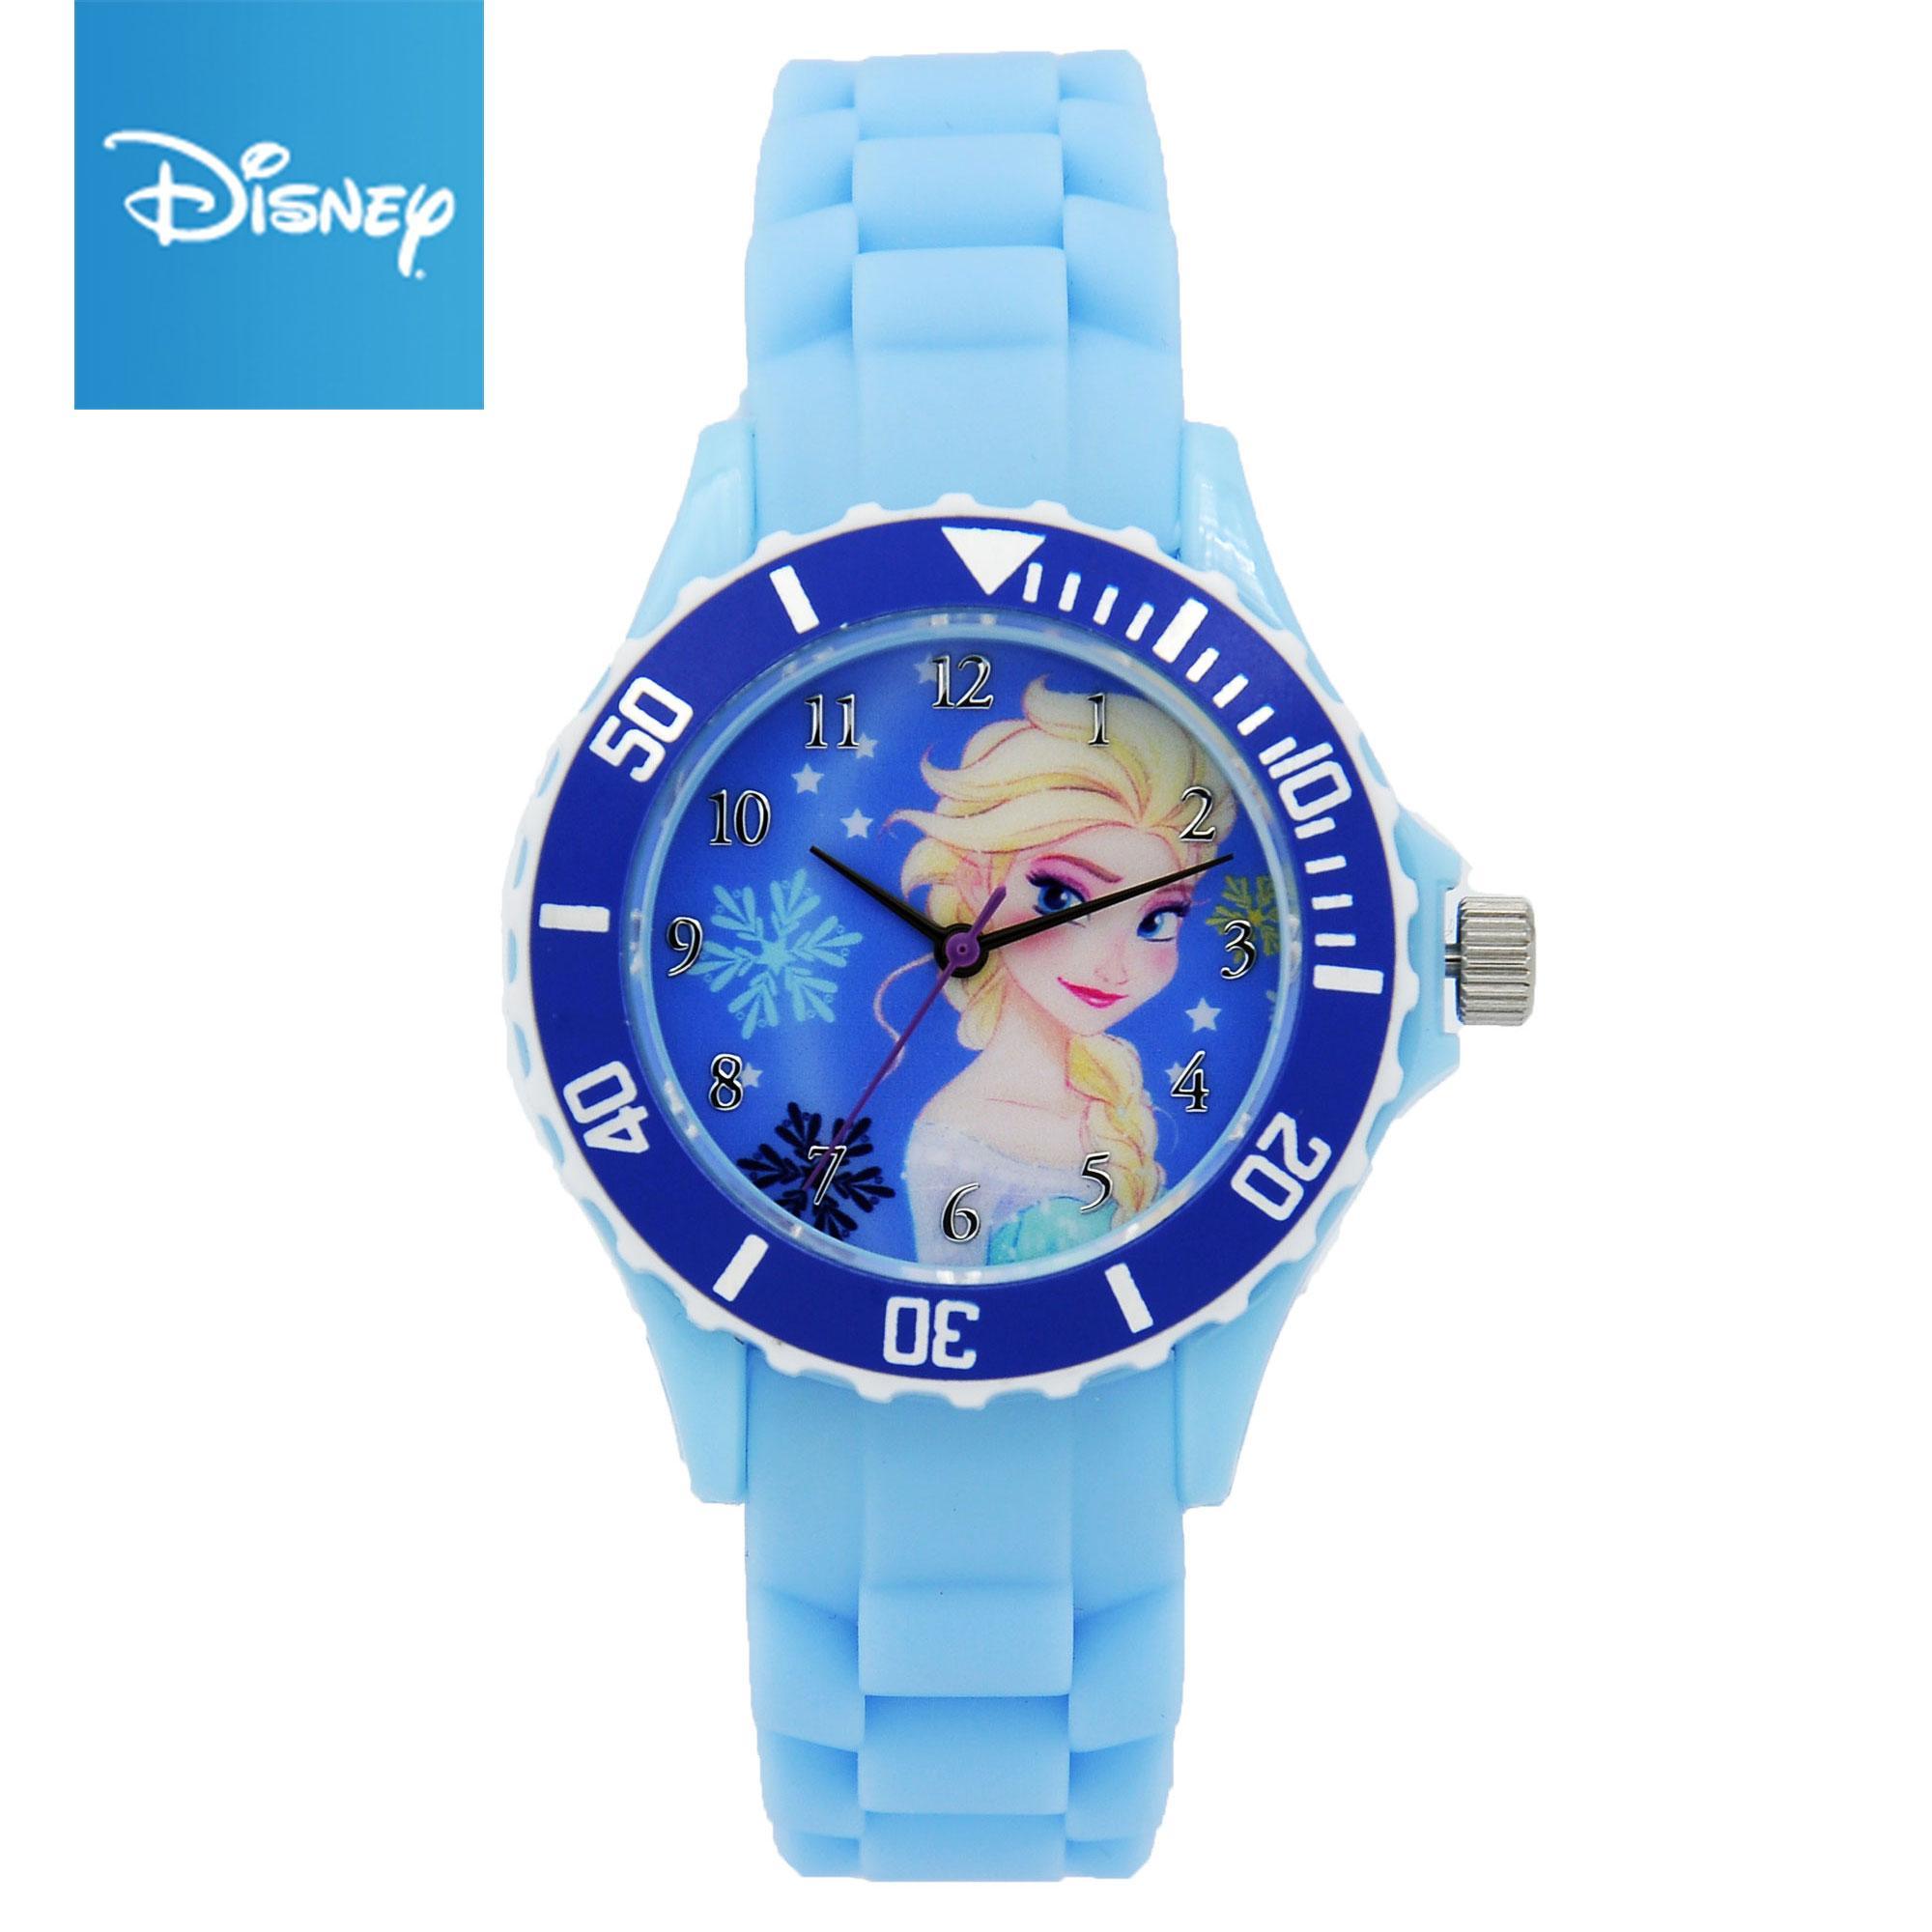 Modest Disney Brand Mickey Mouse Frozen Child Cartoon Watches Girls Watch Quartz Children Wristwatches Waterproof Childrens Watches Watches